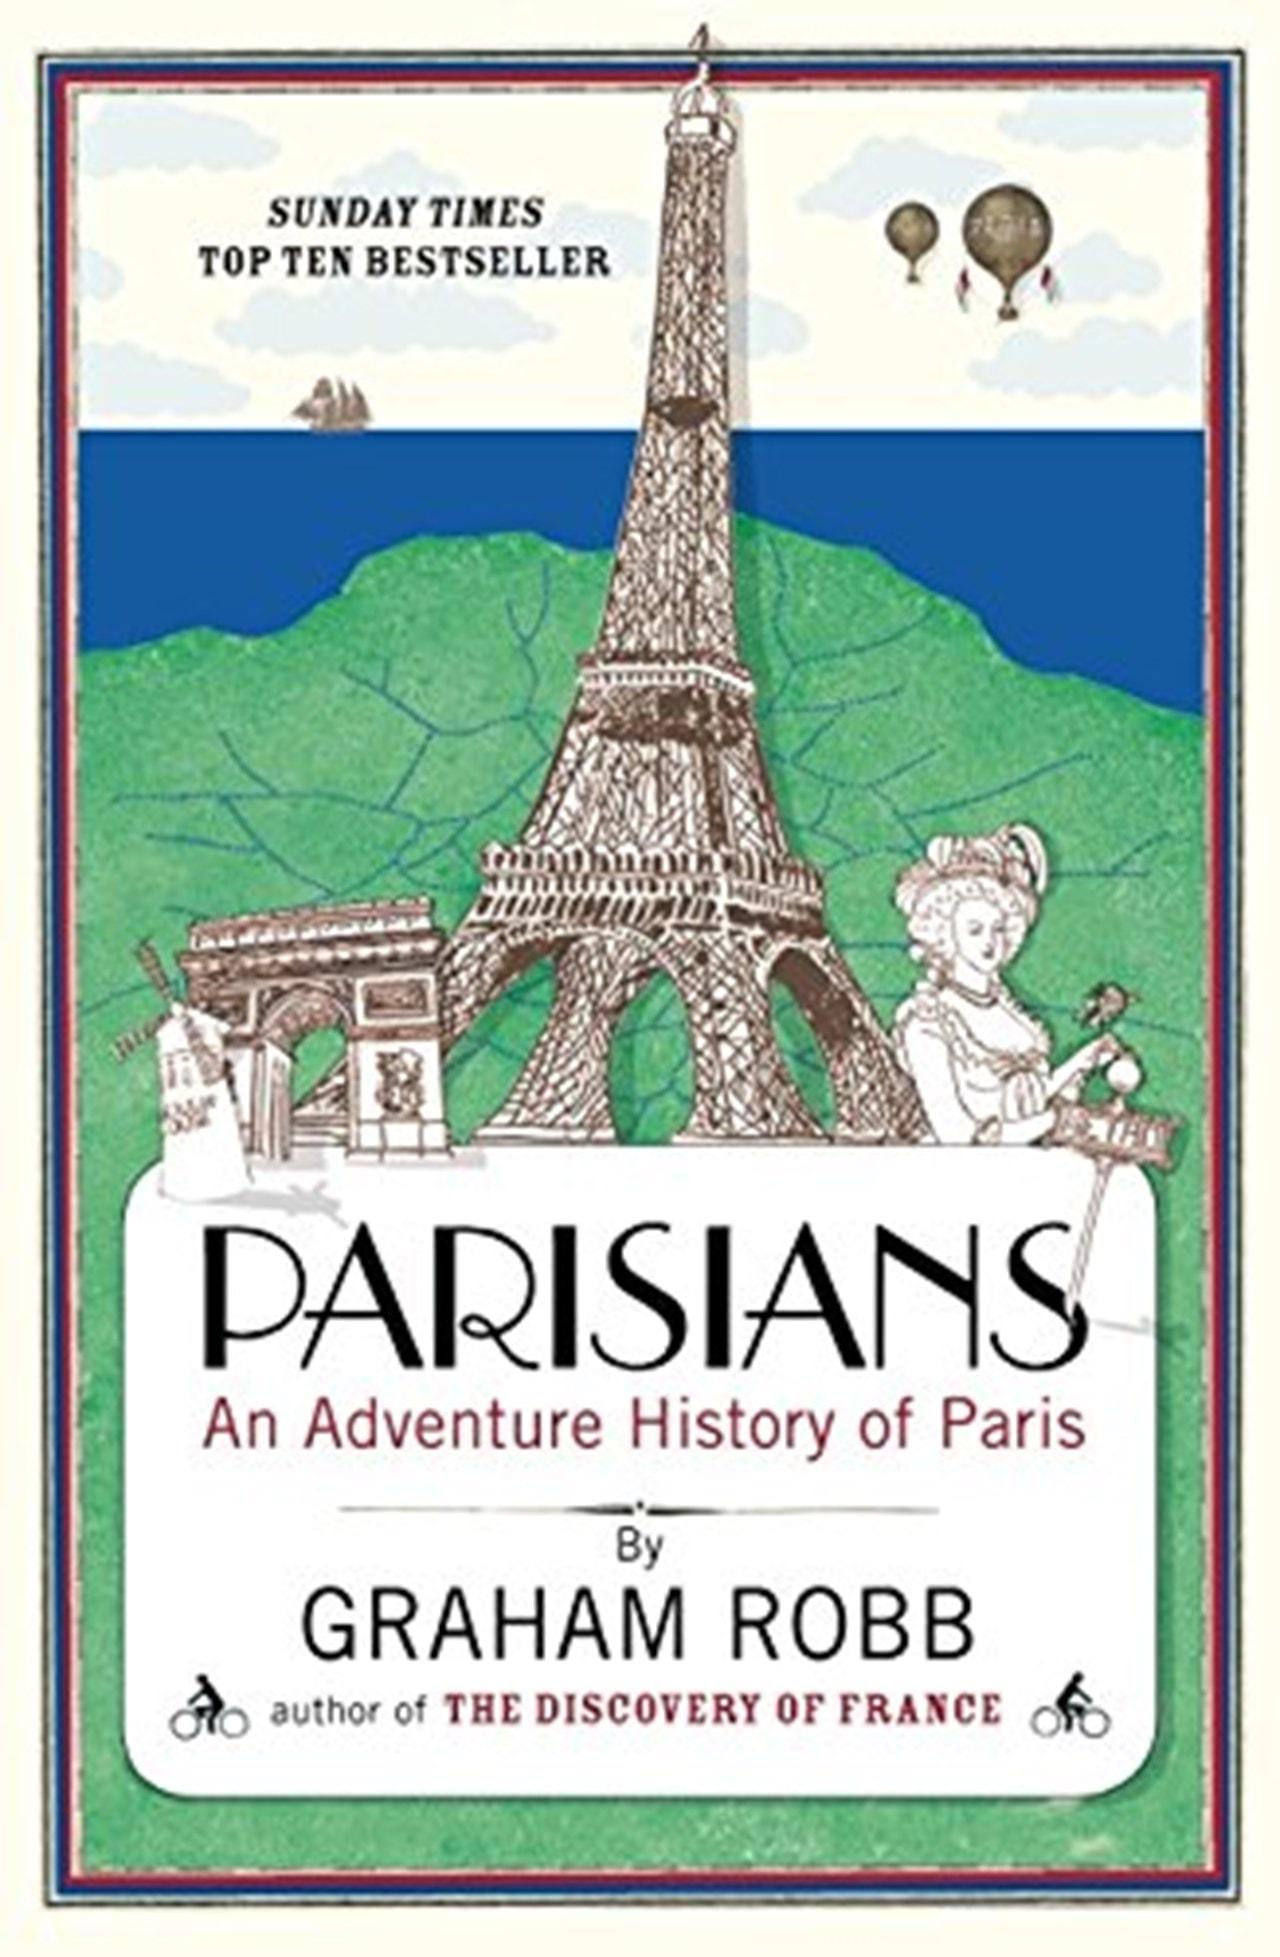 Parisians: An Adventure History of Paris - 1